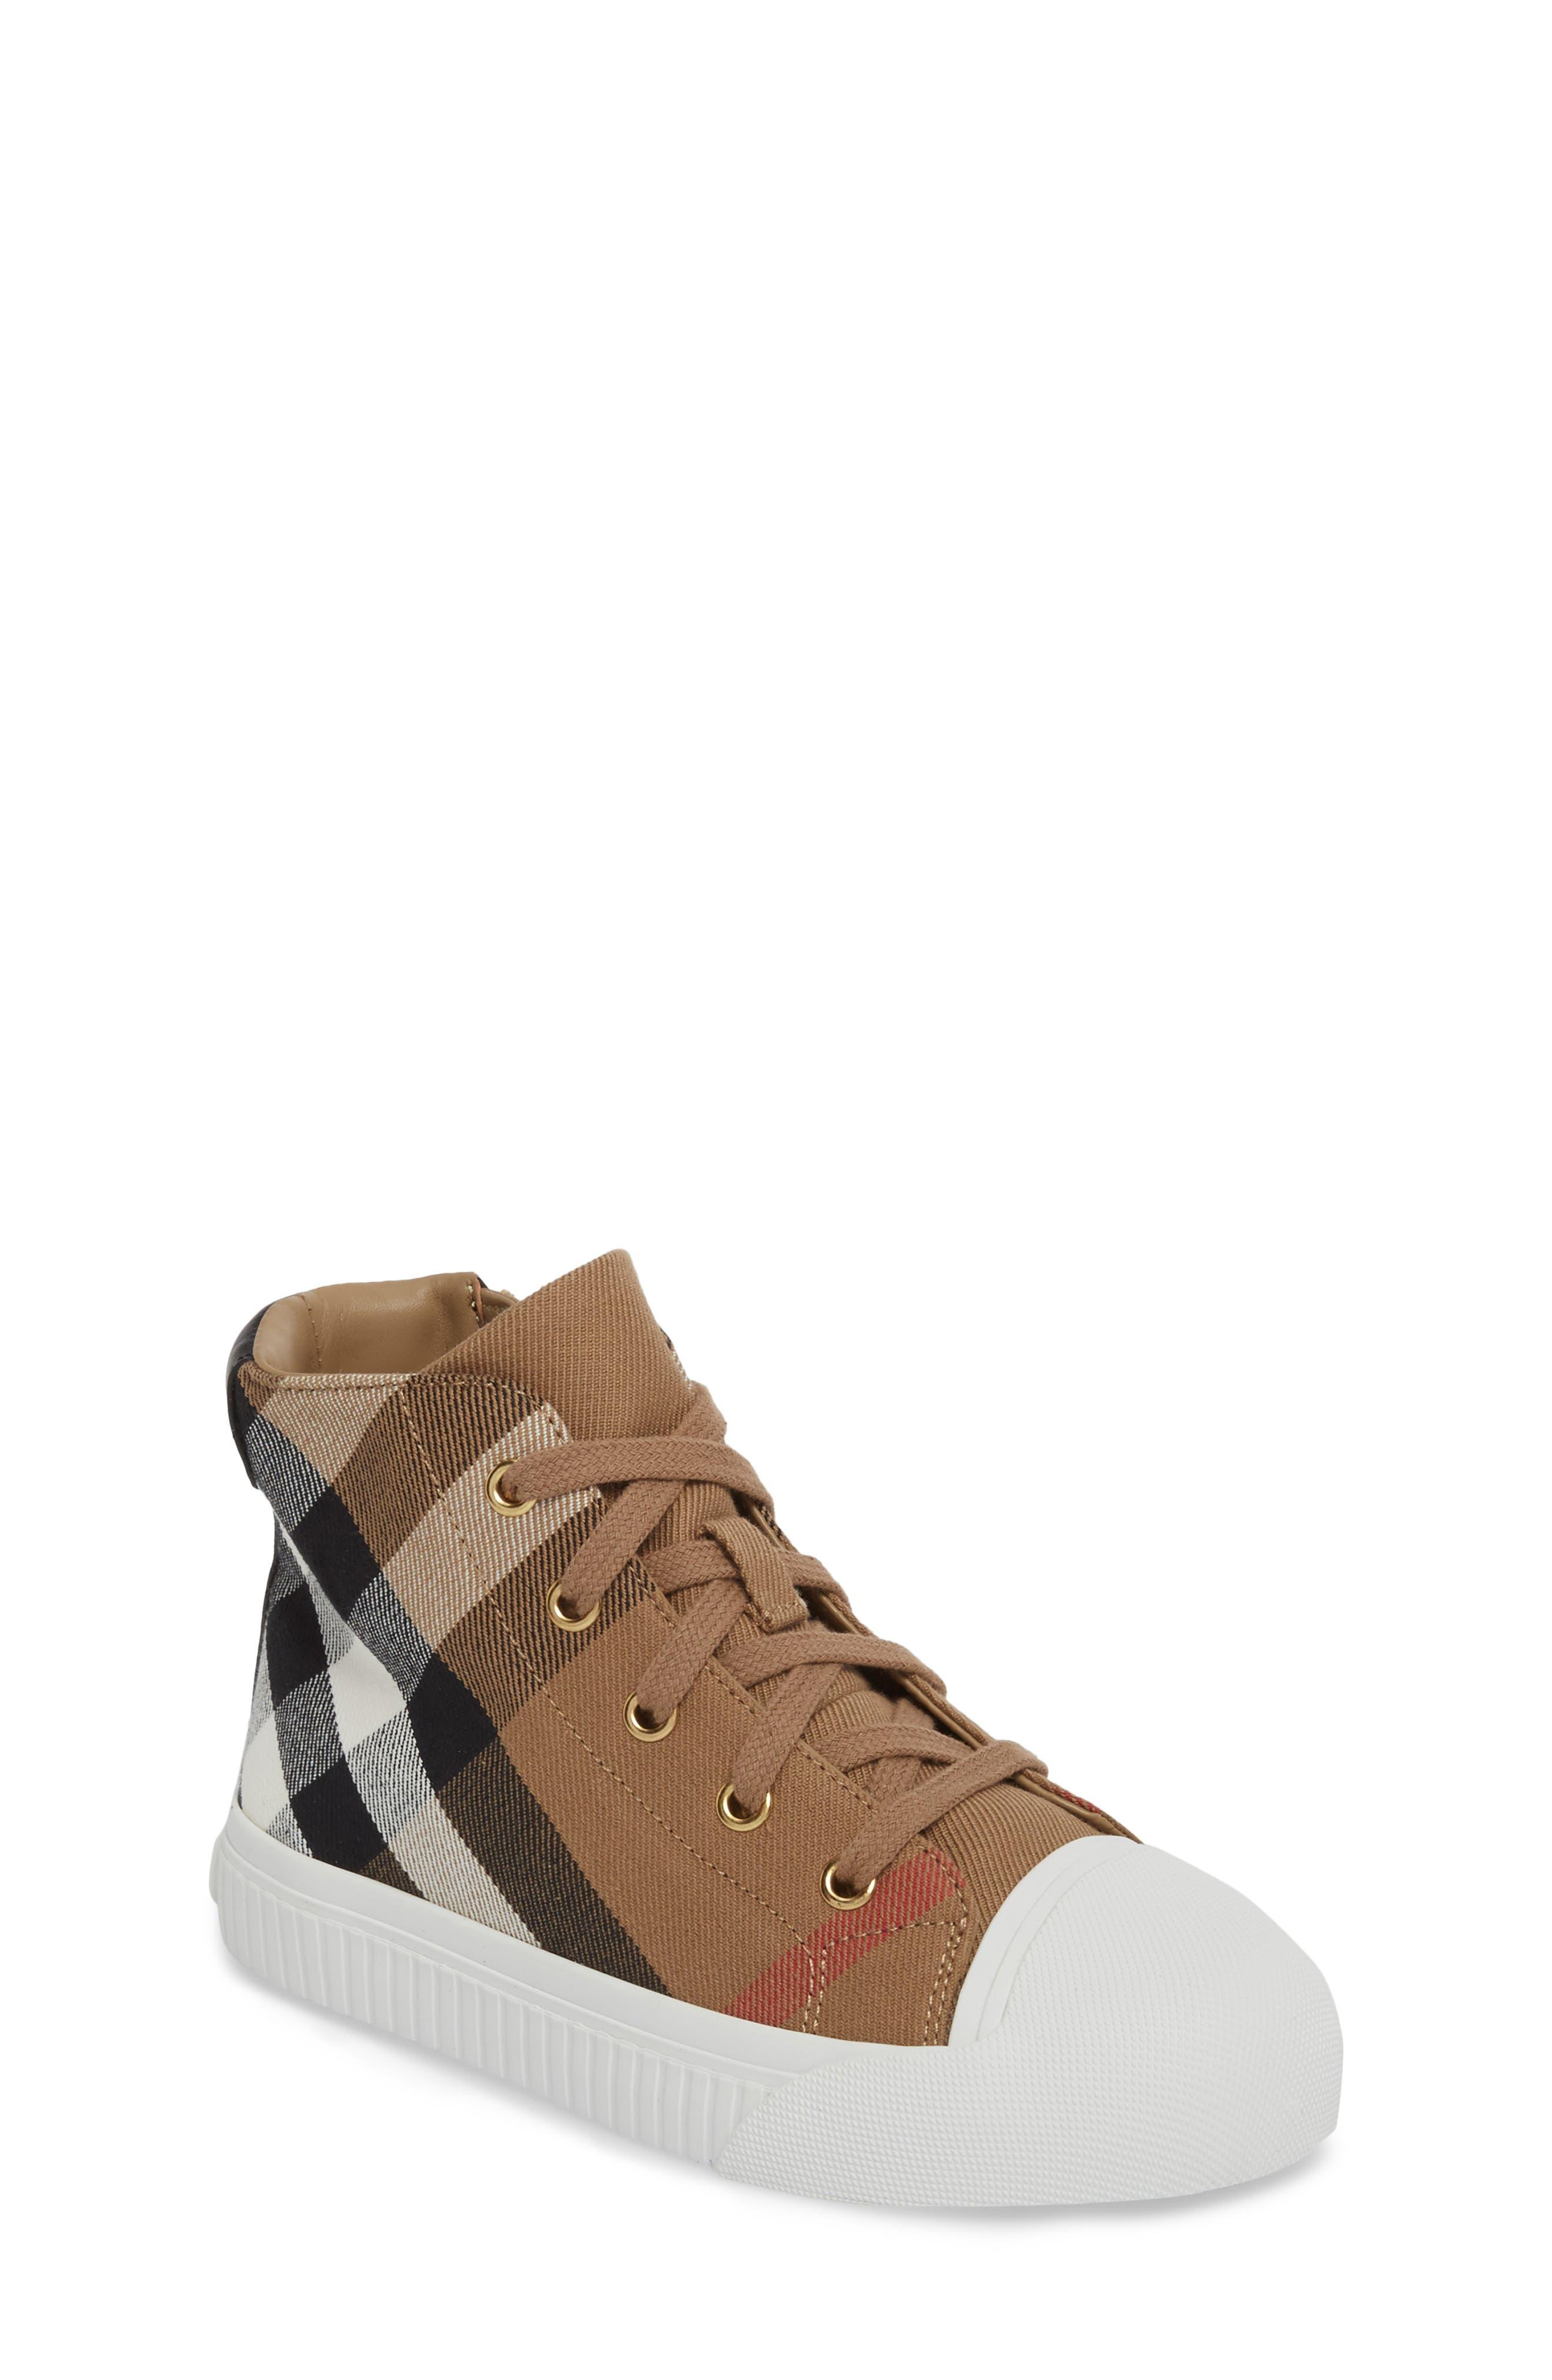 Belford High Top Sneaker,                             Main thumbnail 1, color,                             300